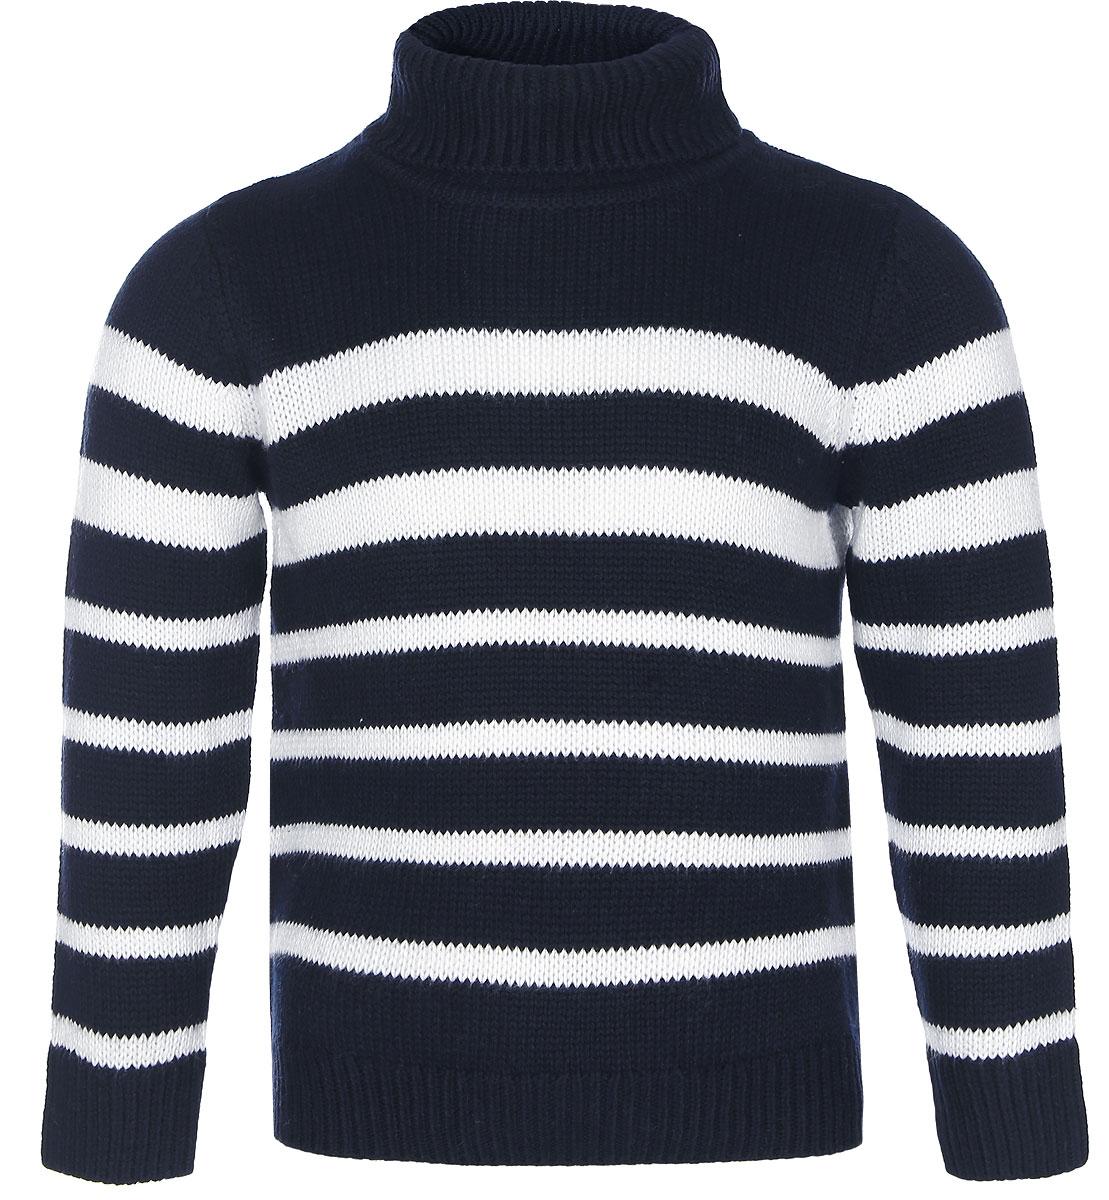 СвитерJR-714/046-6425Теплый вязаный свитер для мальчика Sela идеально подойдет вашему ребенку в прохладные дни. Изготовленный из пряжи смешанного состава, он необычайно мягкий и приятный на ощупь, не сковывает движения и хорошо сохраняет тепло, обеспечивая наибольший комфорт. Уютный вязаный свитер с длинными рукавами имеет высокий воротник-гольф с отворотом. Низ рукавов, воротник и низ изделия дополнены вязаной крупной резинкой. Такой свитер послужит отличным дополнением к гардеробу вашего ребенка. Он улучшит настроение даже в хмурые холодные дни!